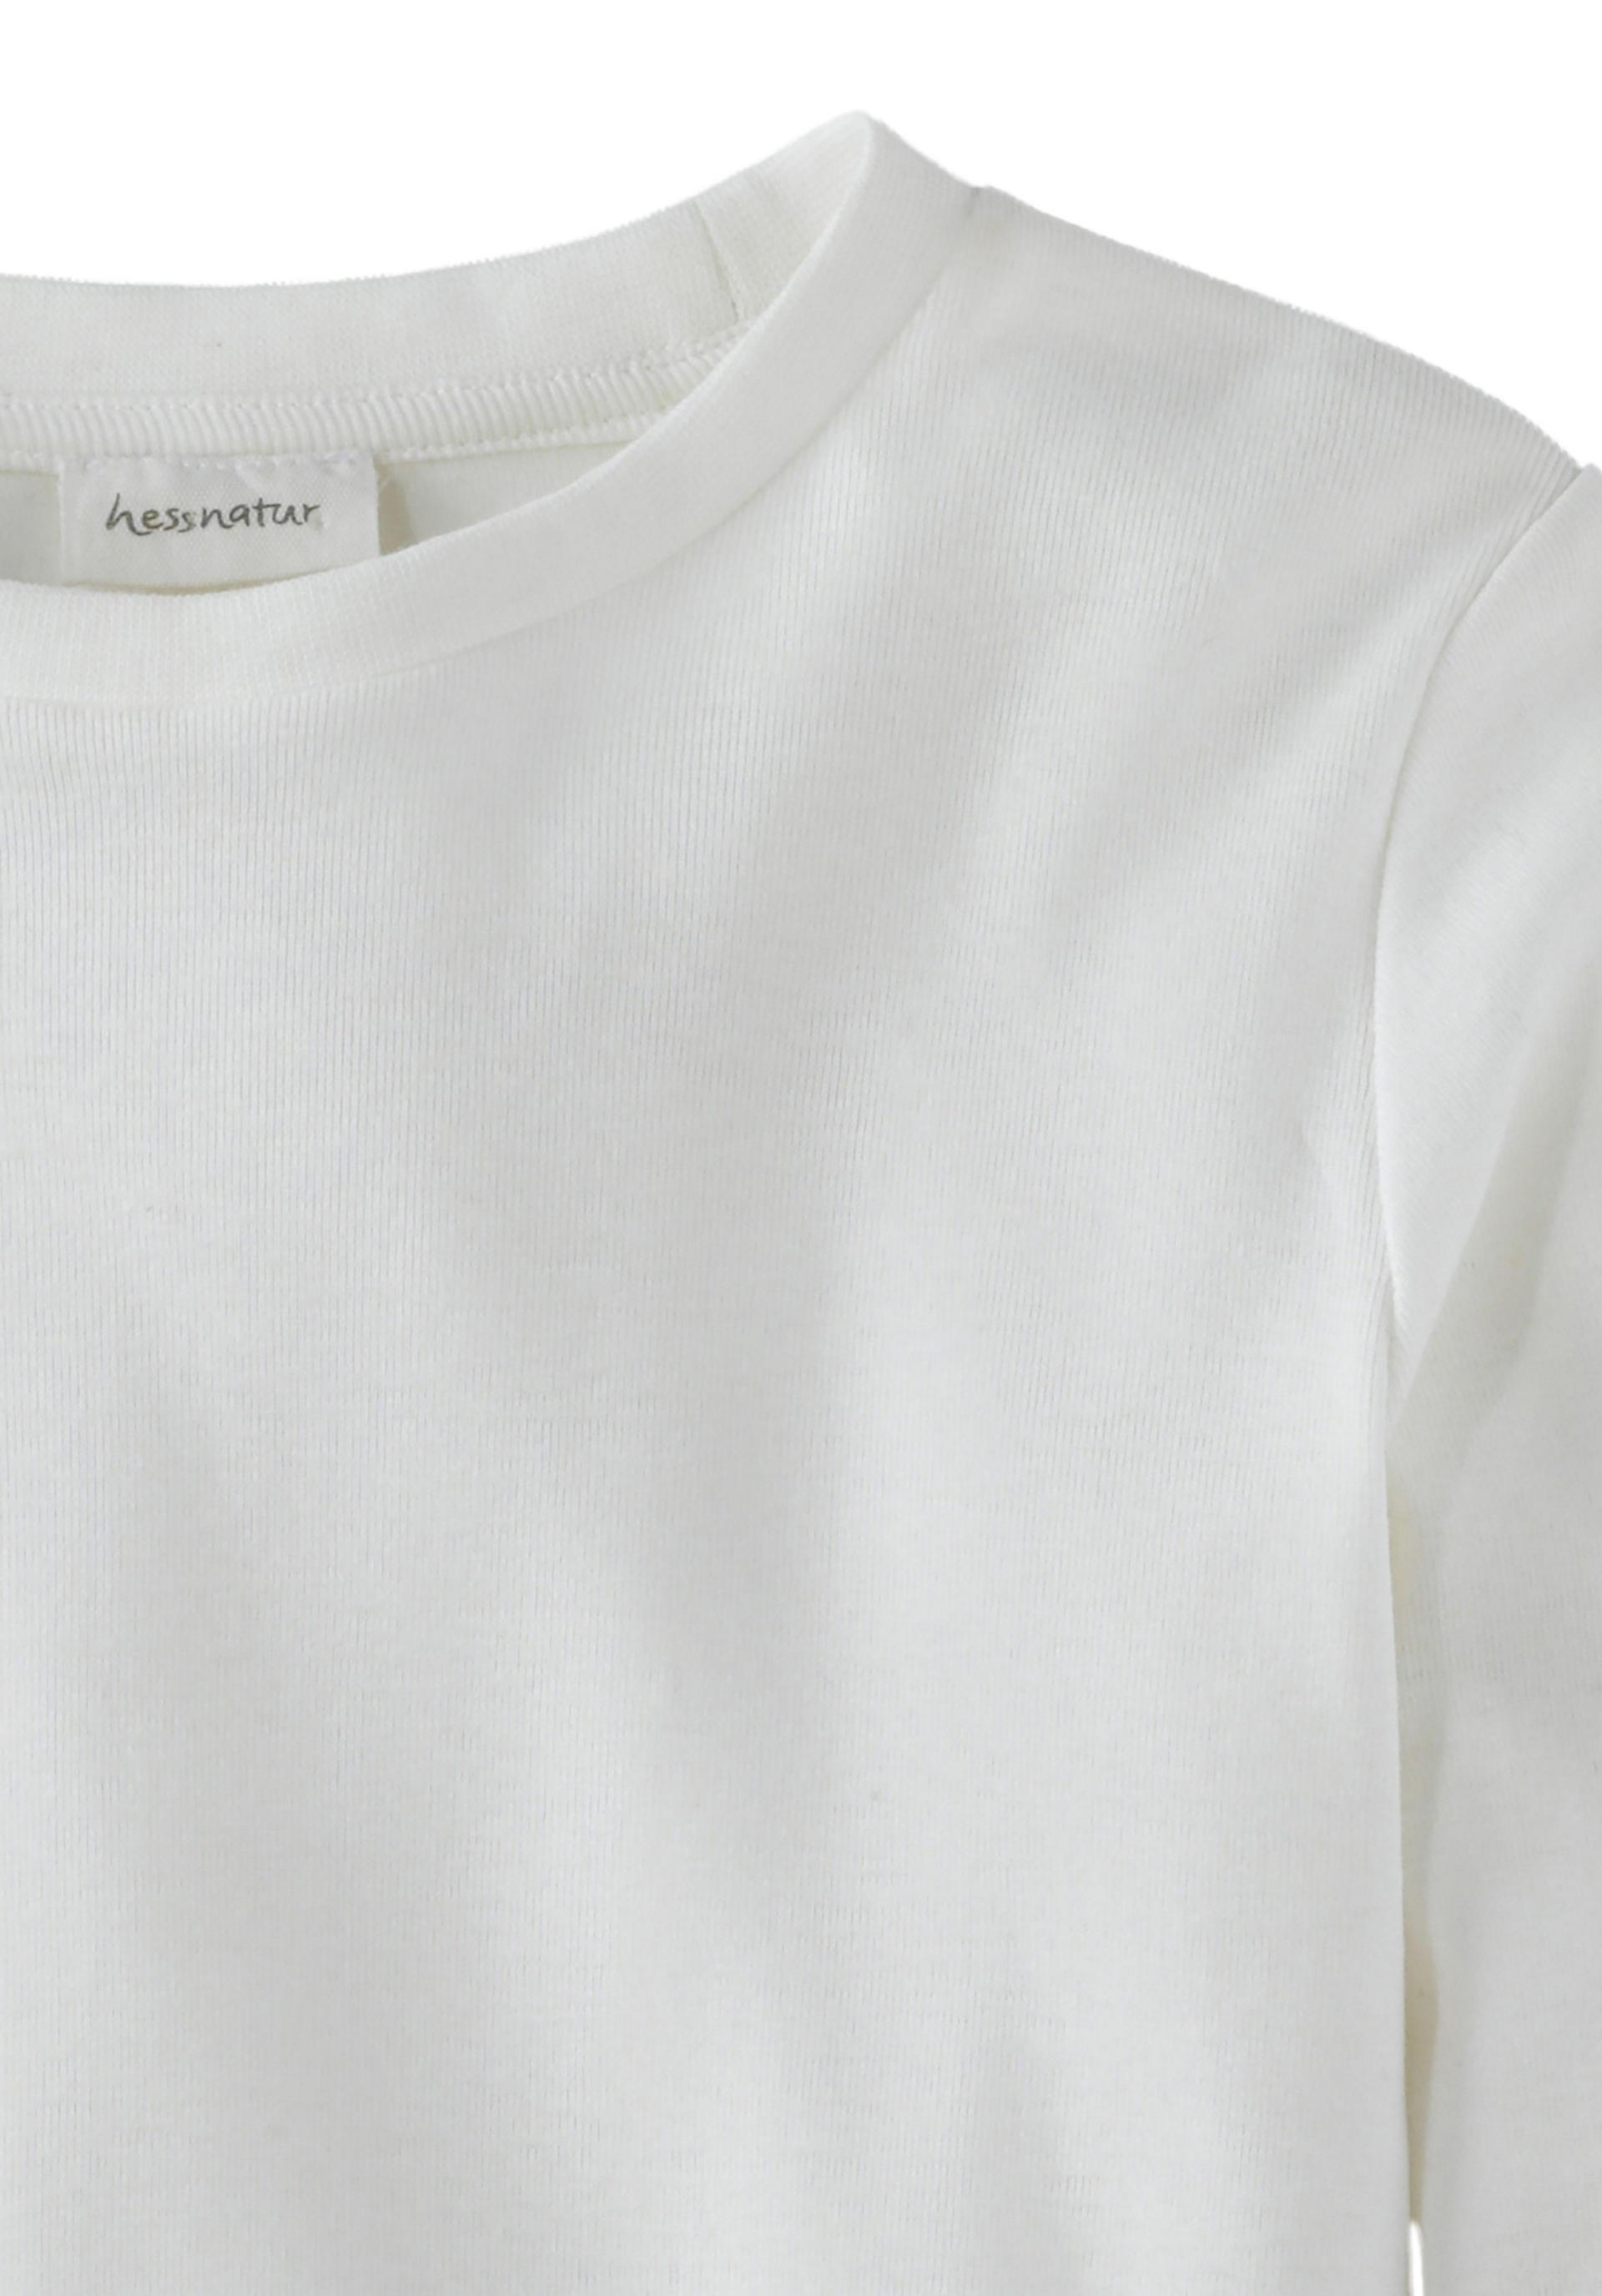 c4136c91934c63 Langarmshirt aus reiner Bio-Baumwolle - hessnatur Deutschland